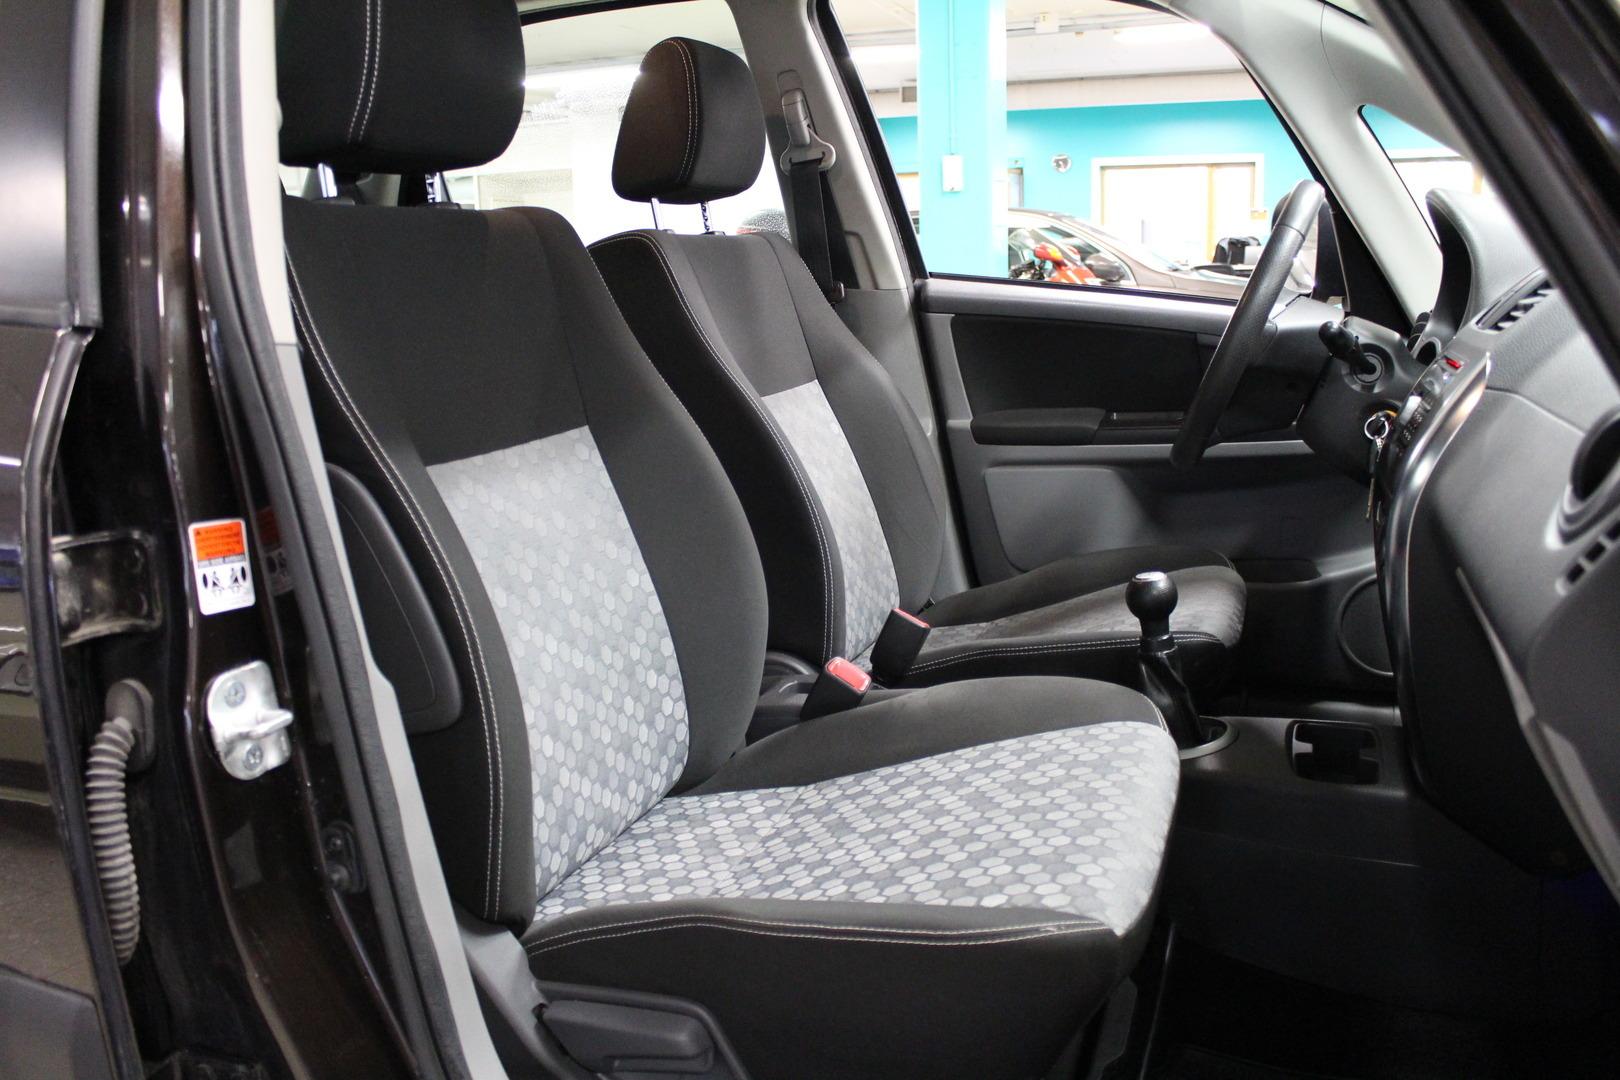 Suzuki SX4, 1,6 VVT 4WD X-OVER S-Edition **Juuri tullut** #Asiallinen! #Käsiraha alk.0e